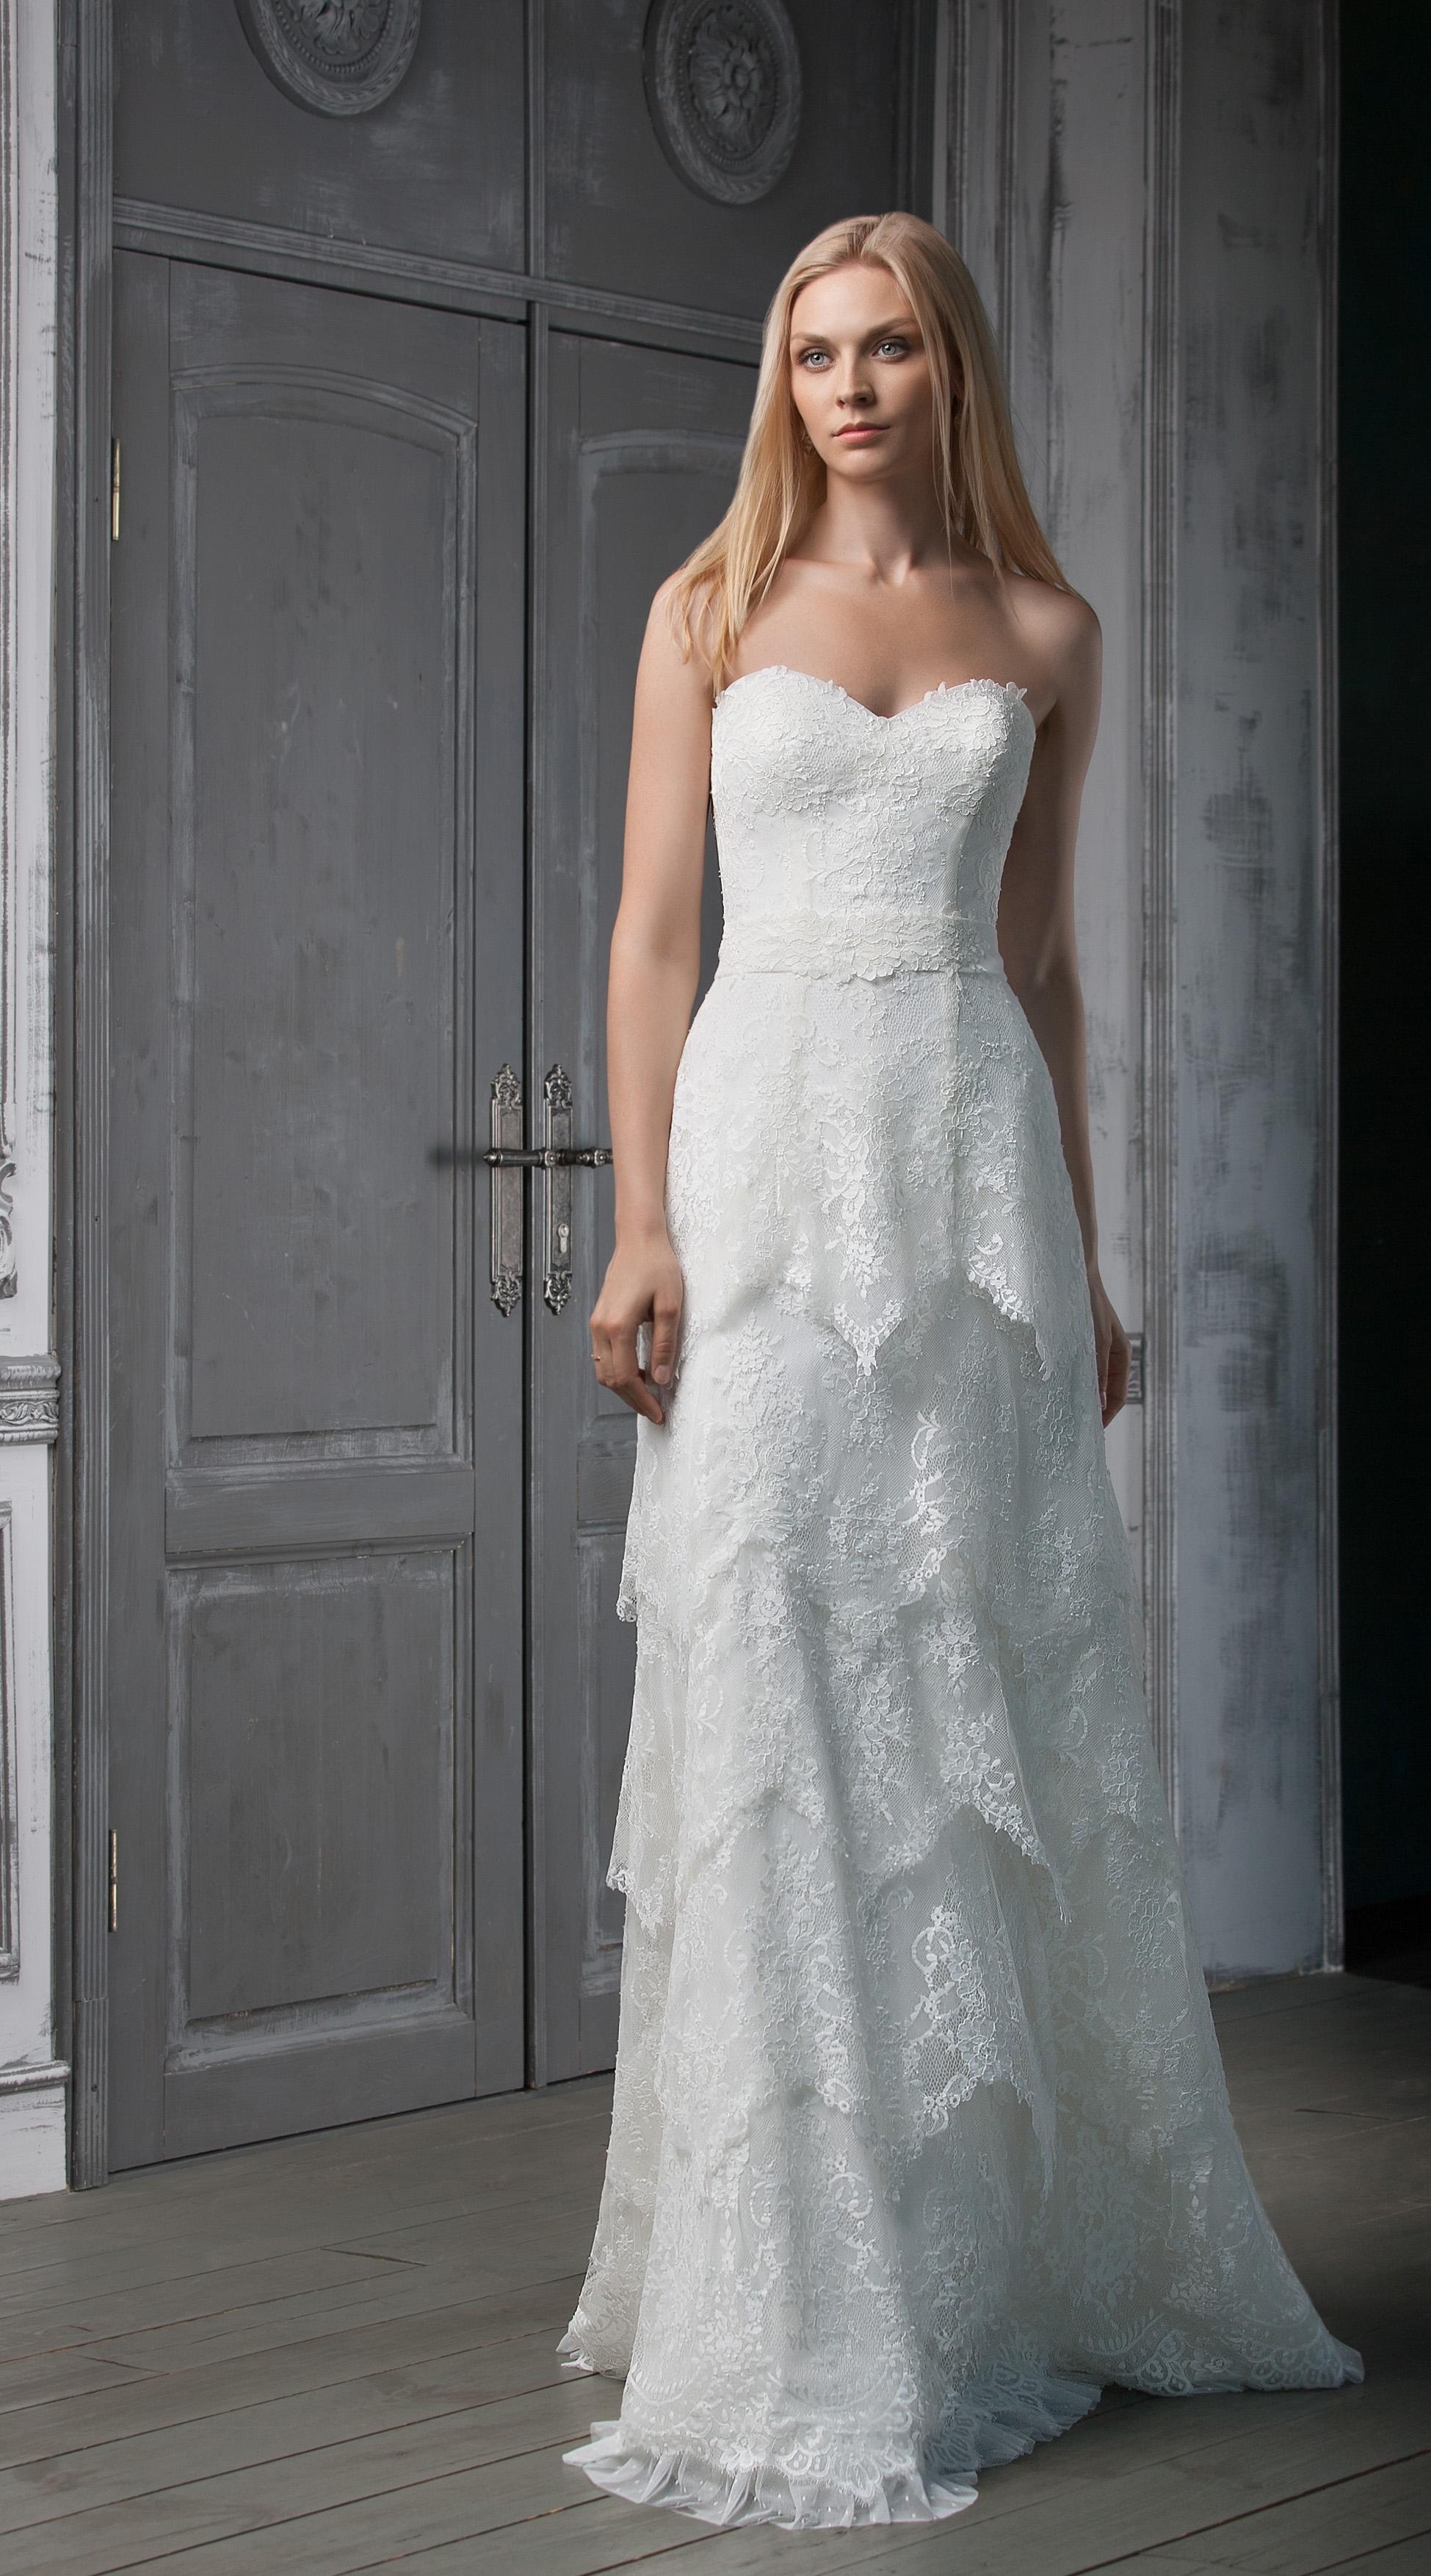 самара платья 52 размер